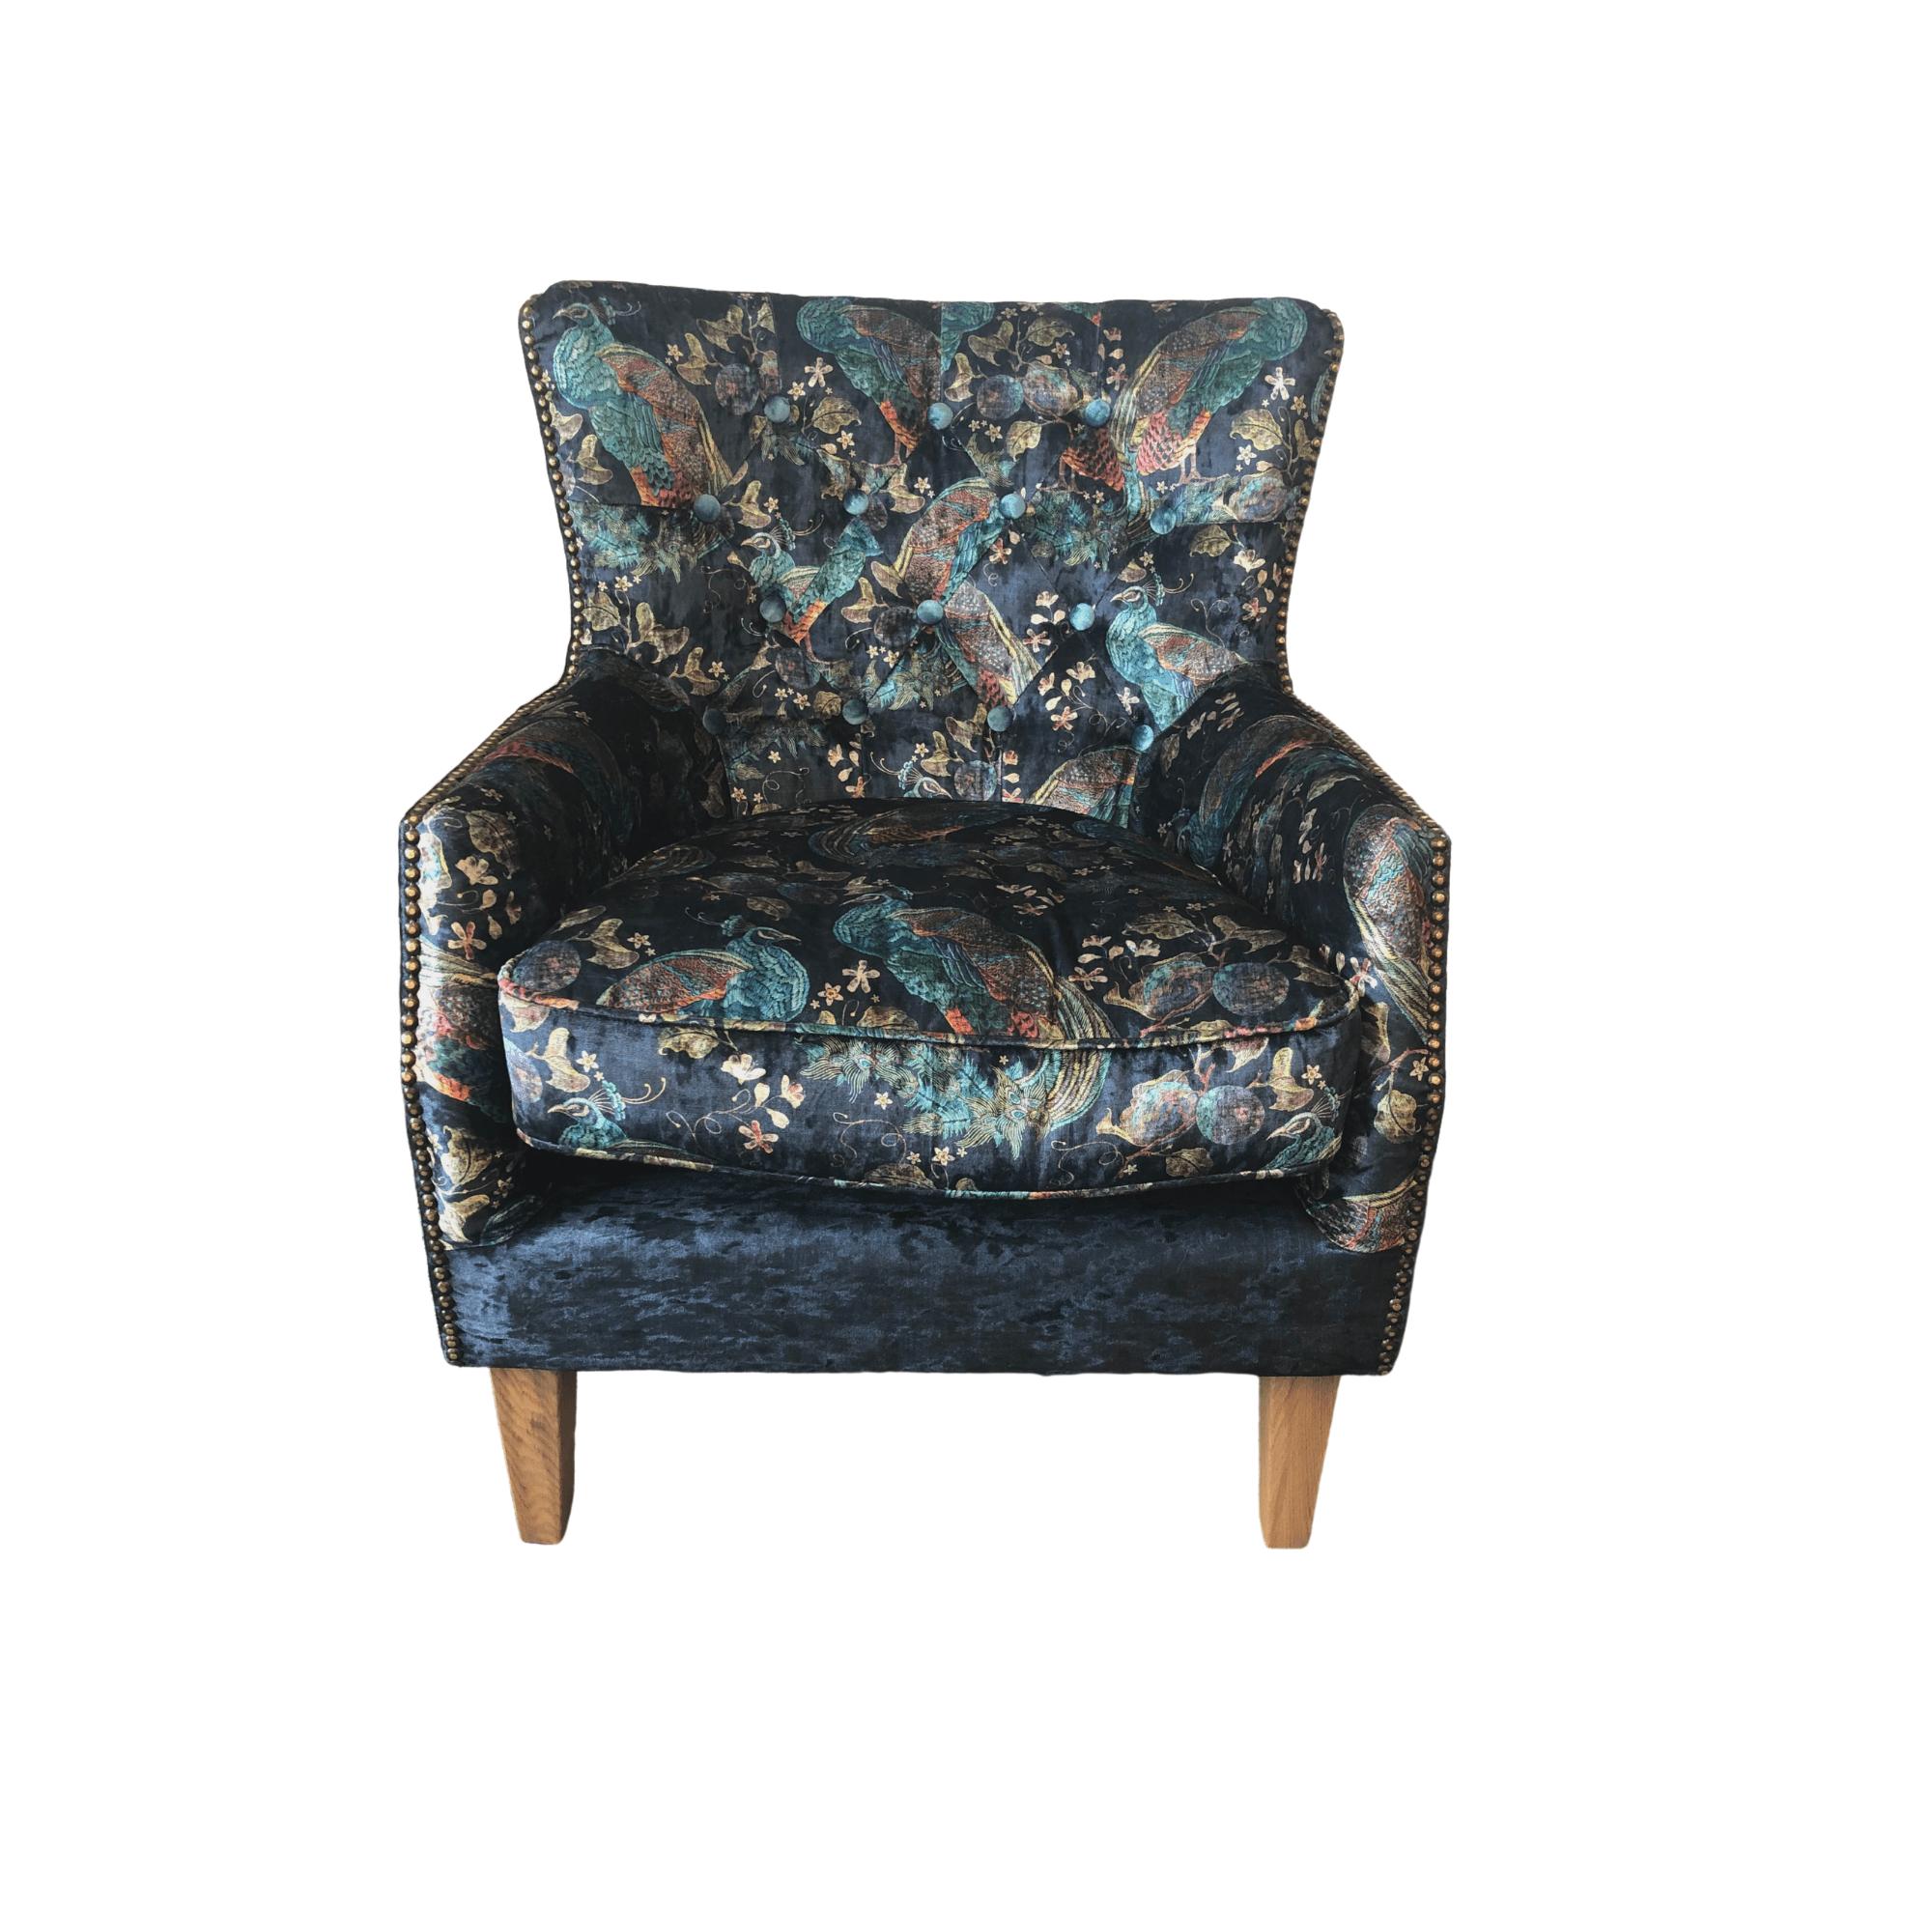 Stanford armchair - Peacock aqua